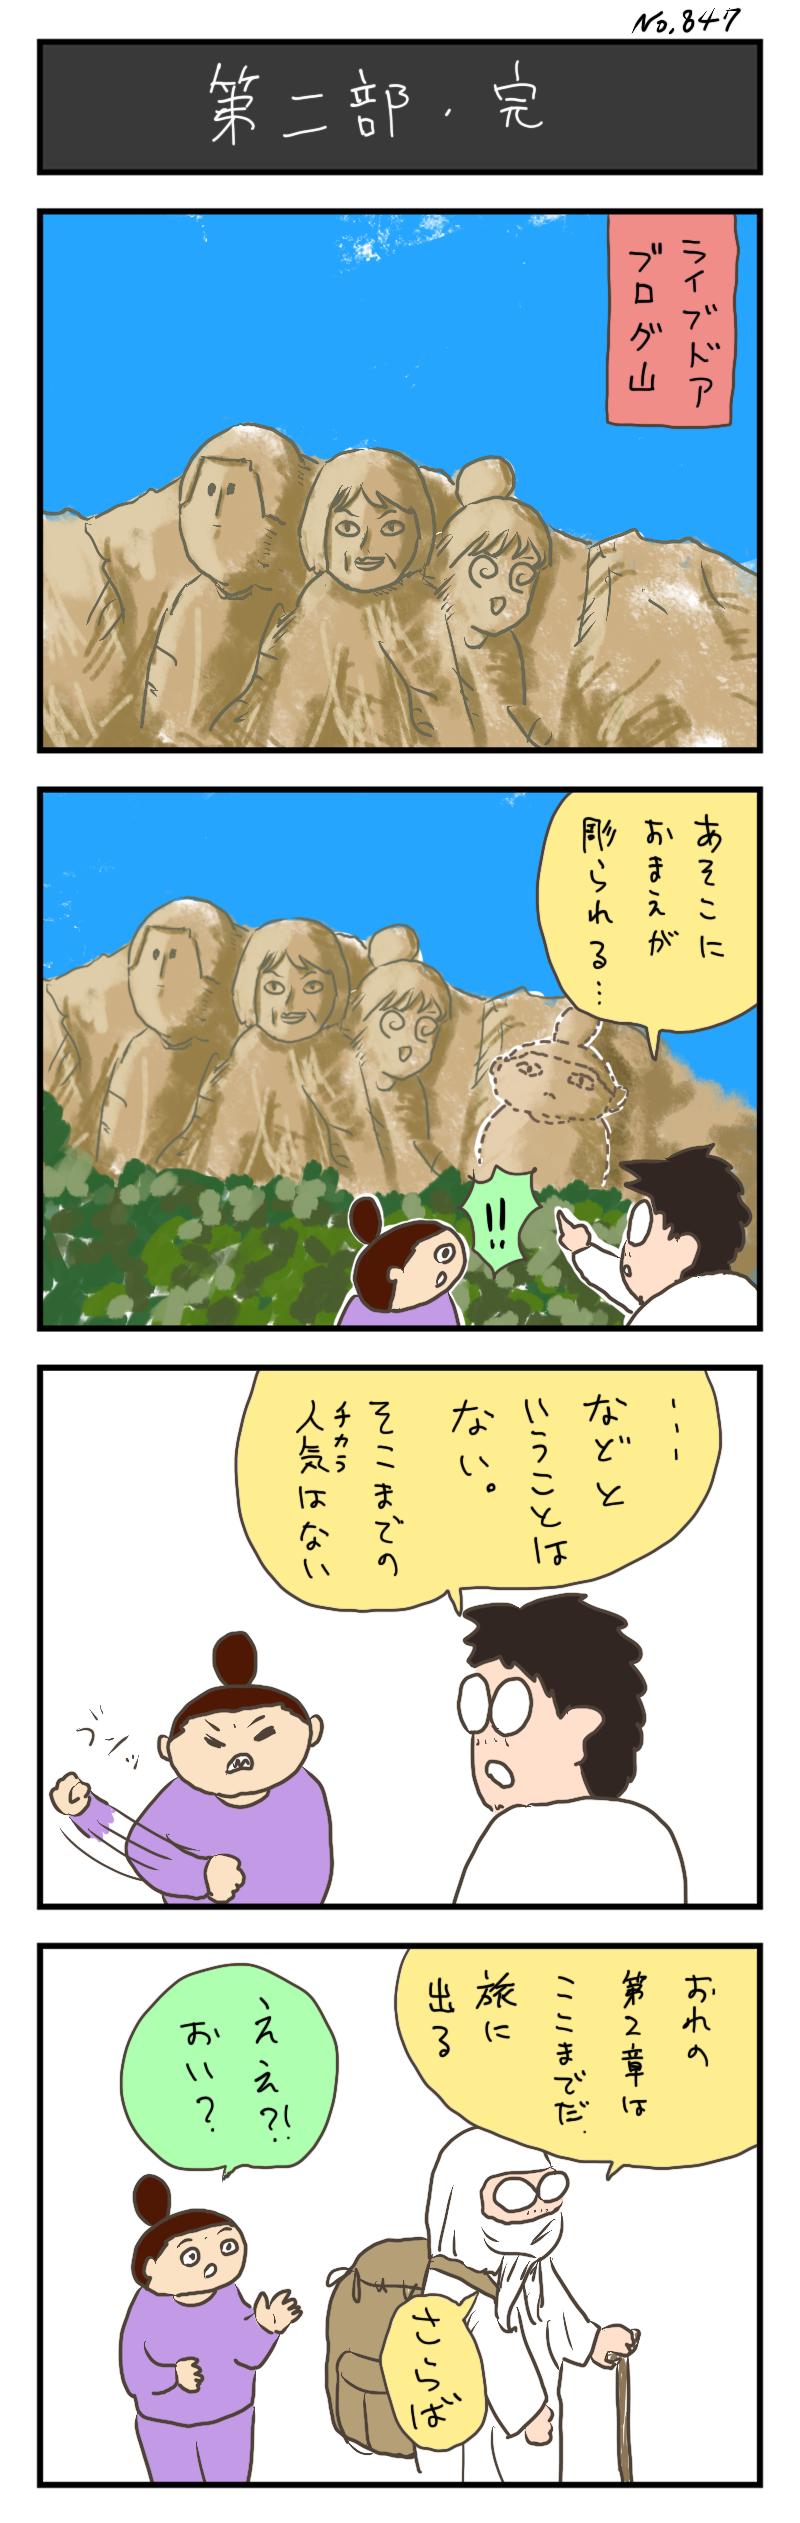 847-残念なヨメちゃん第2部-幕